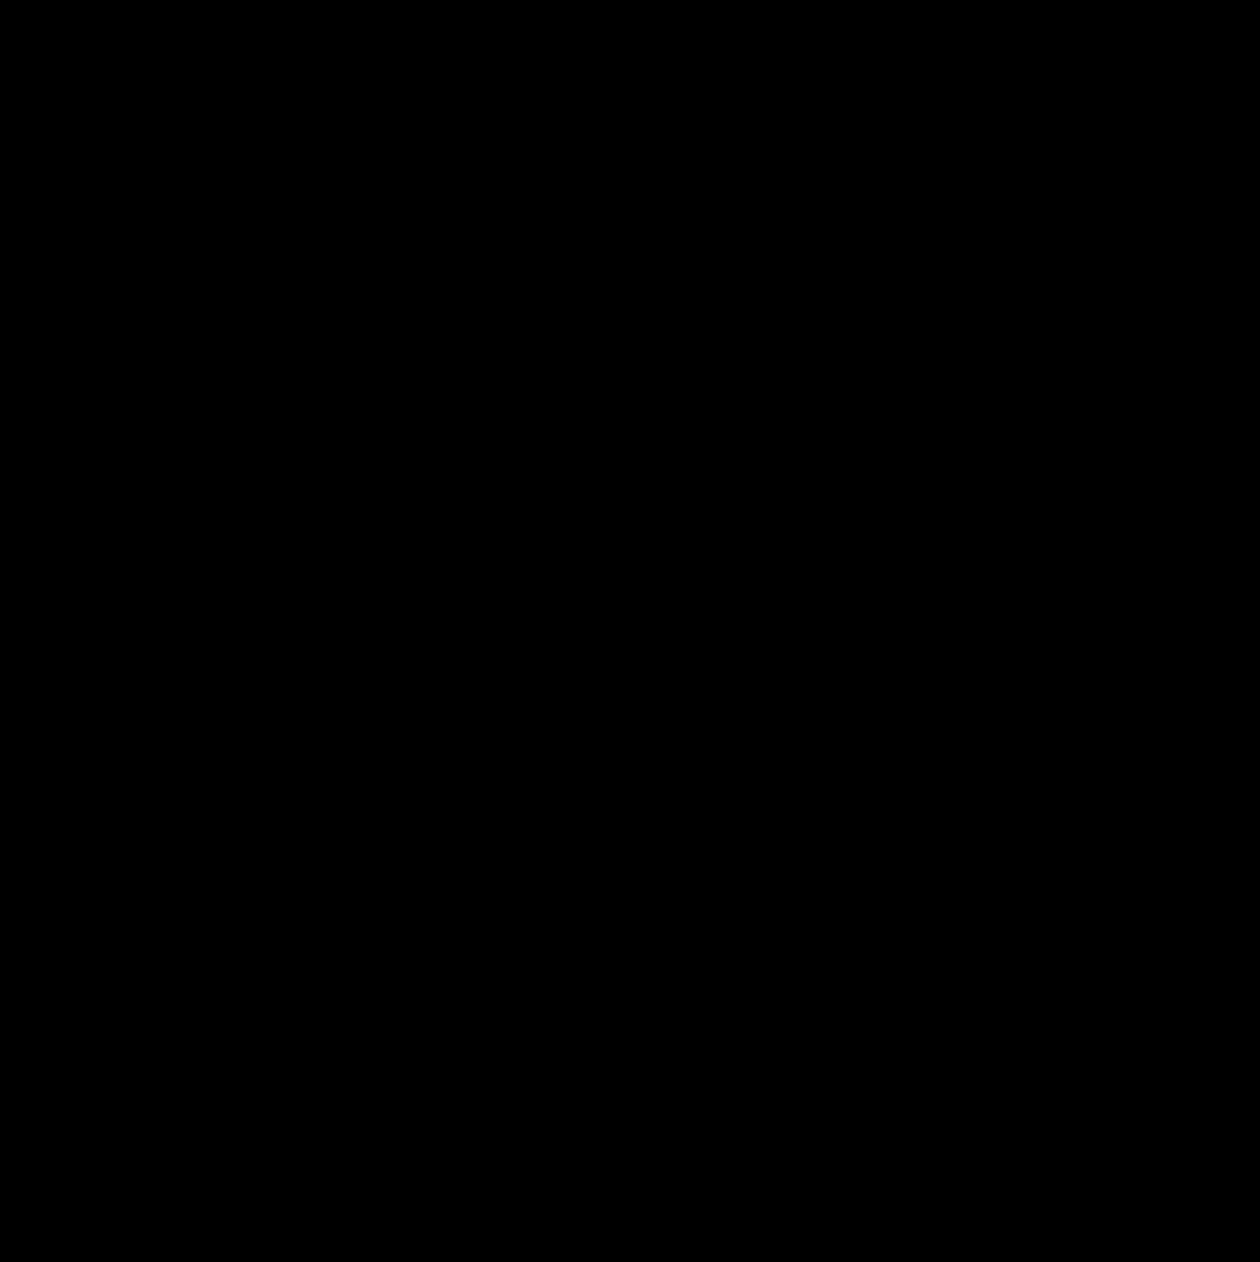 Ingelijste illustratie van De zeemeermin en de glaze bol